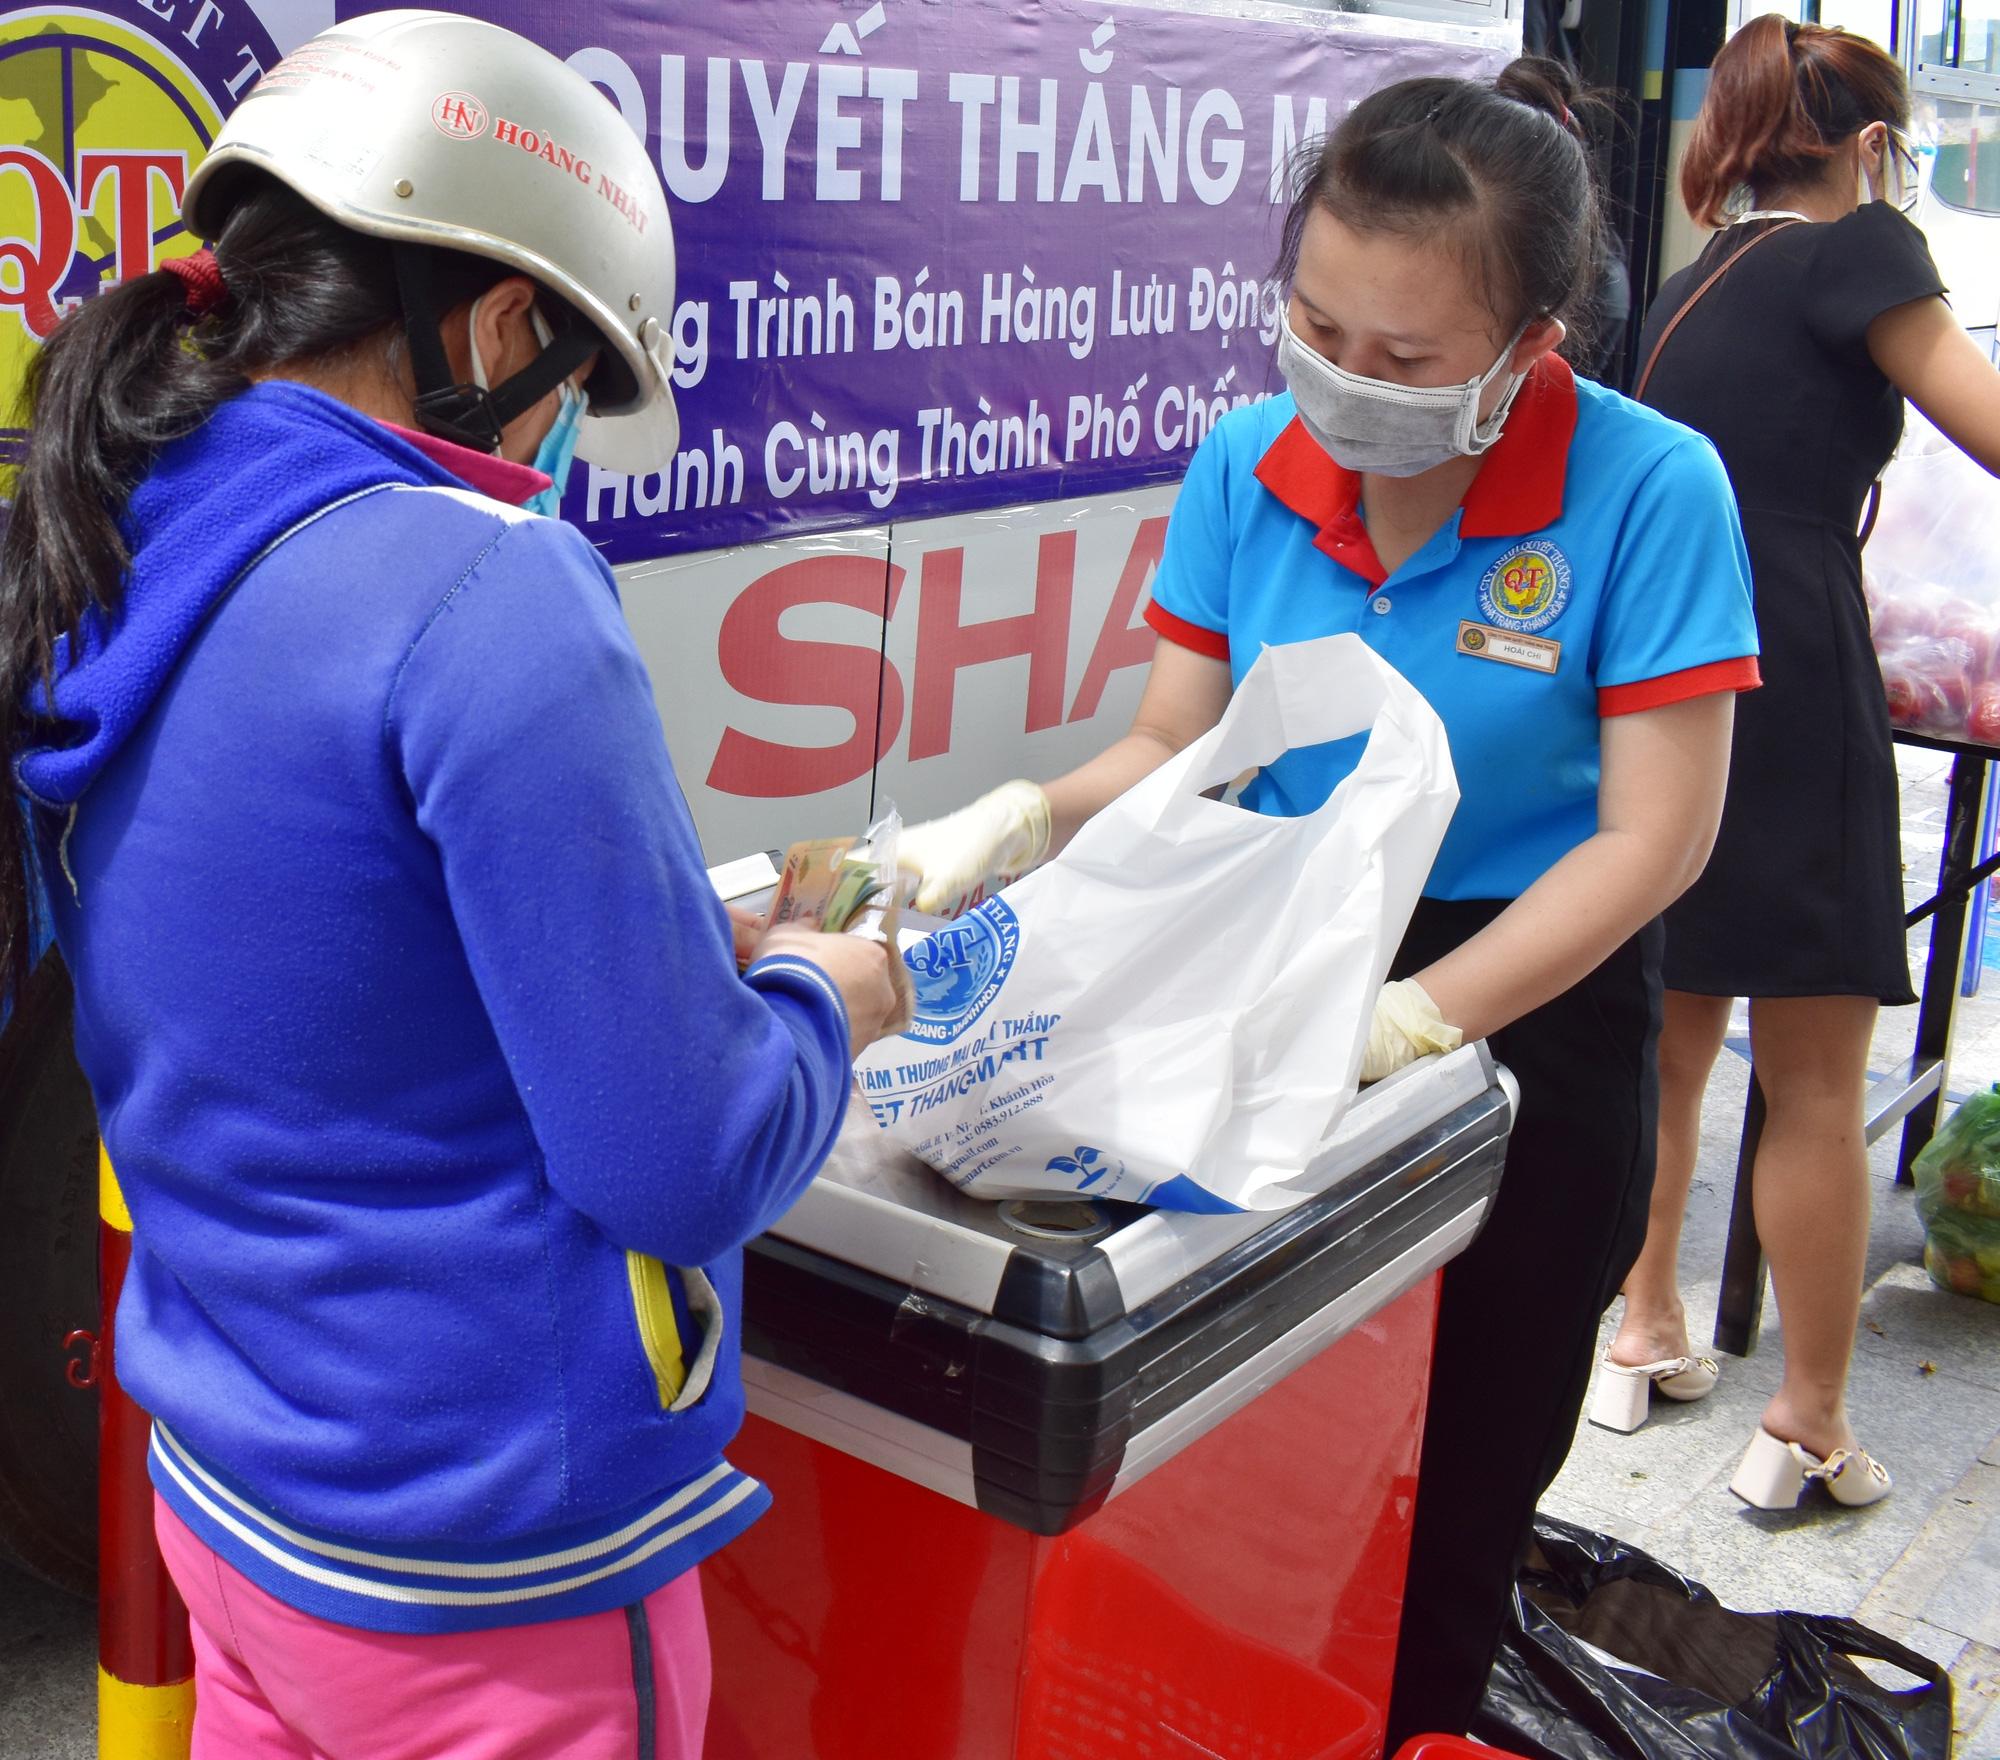 """Nha Trang: """"hô biến xe buýt"""" thành cửa hàng di động phục vụ rau, củ, quả,... - Ảnh 4."""